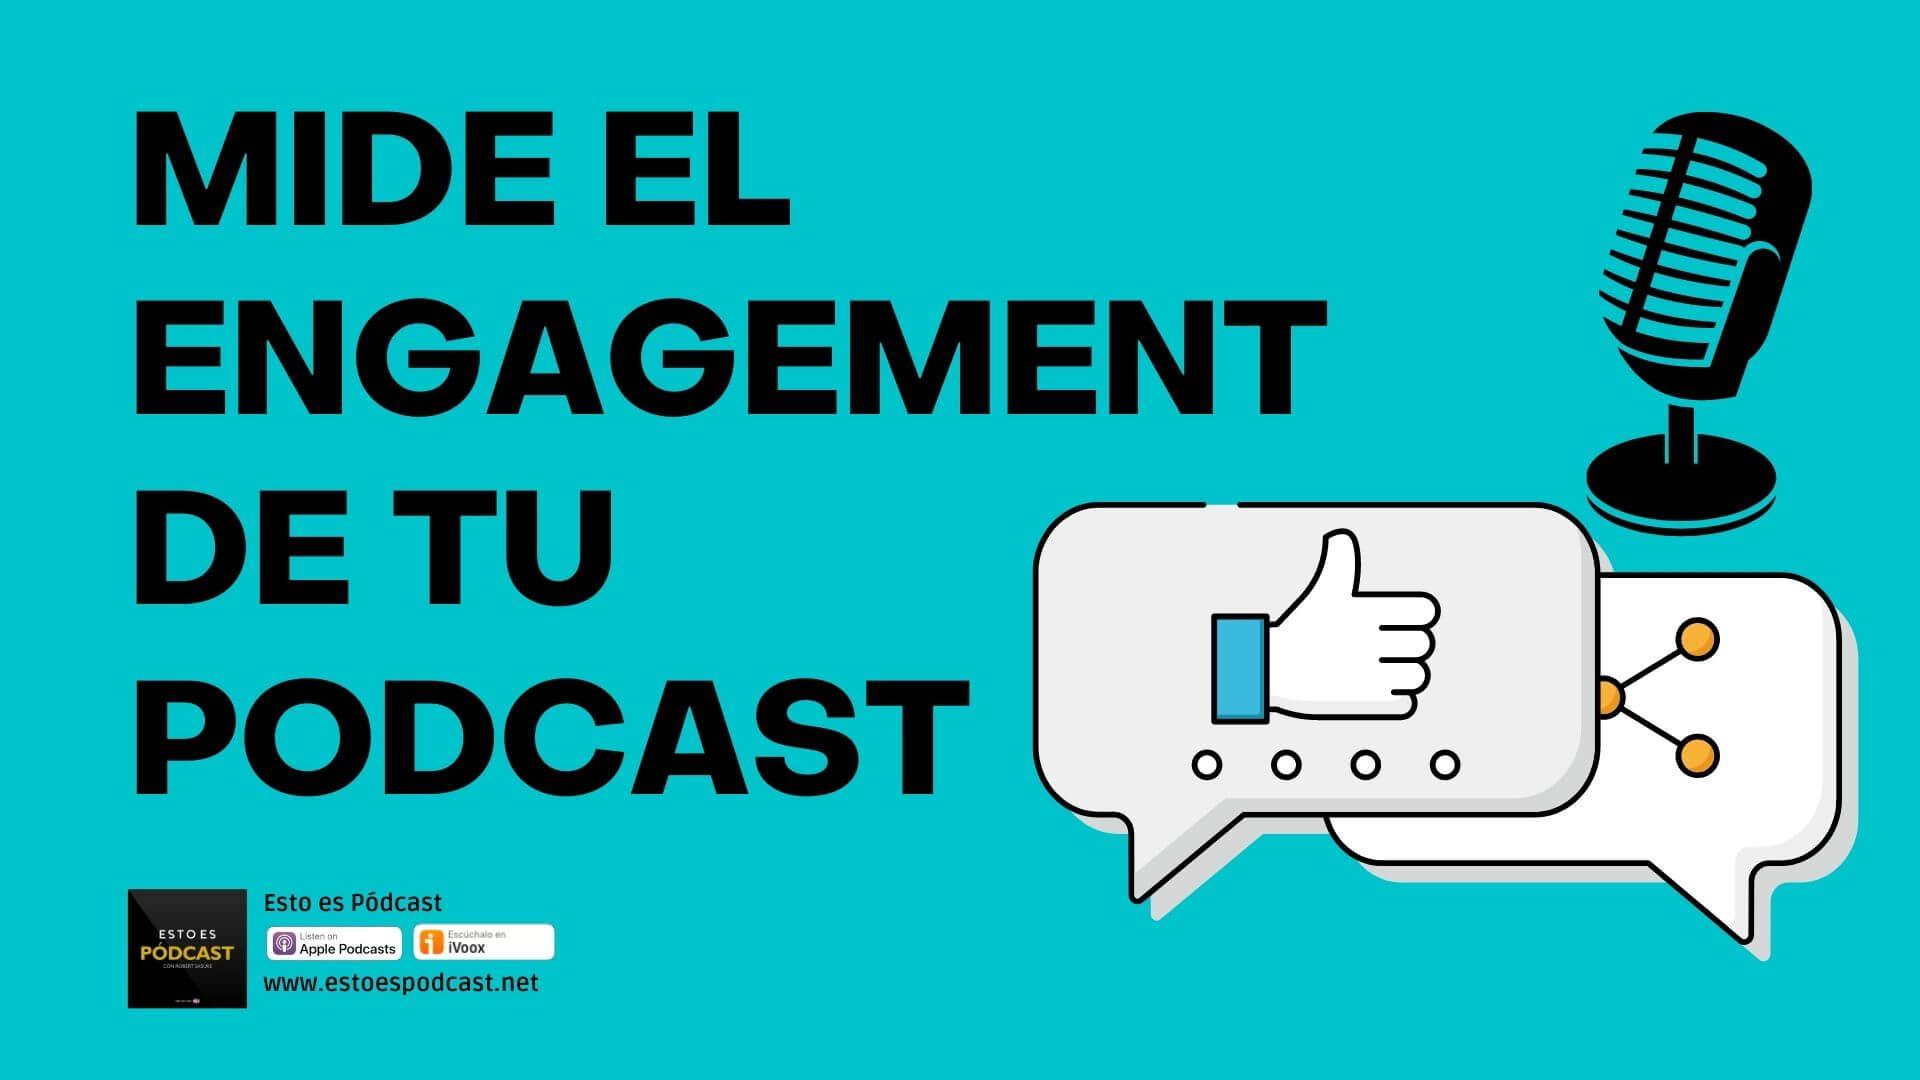 ¿Cómo puedo medir el engagement de mi podcast?